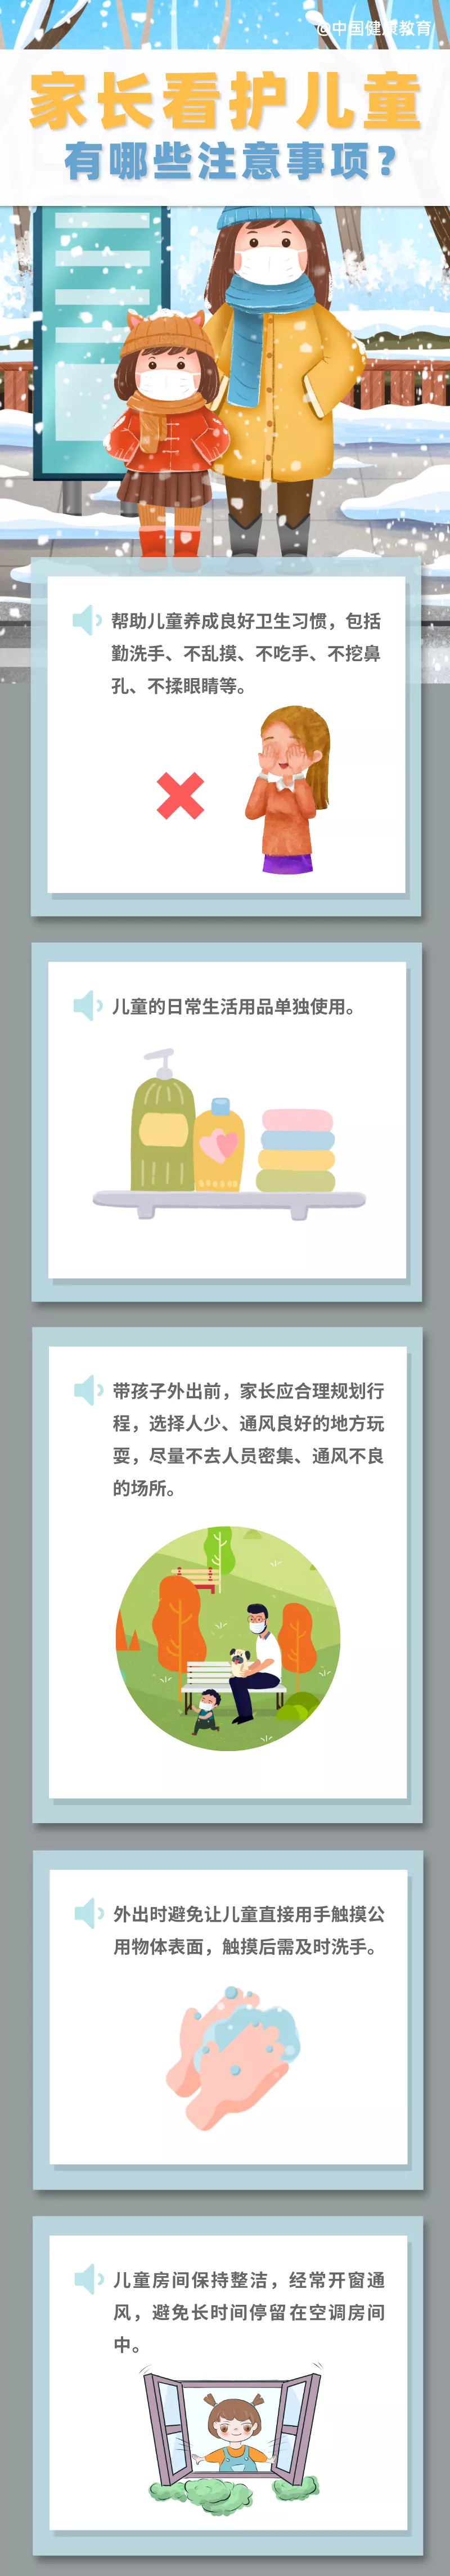 【众志成城 防控疫情】疫情期间,家长看护儿童有哪些注意事项?